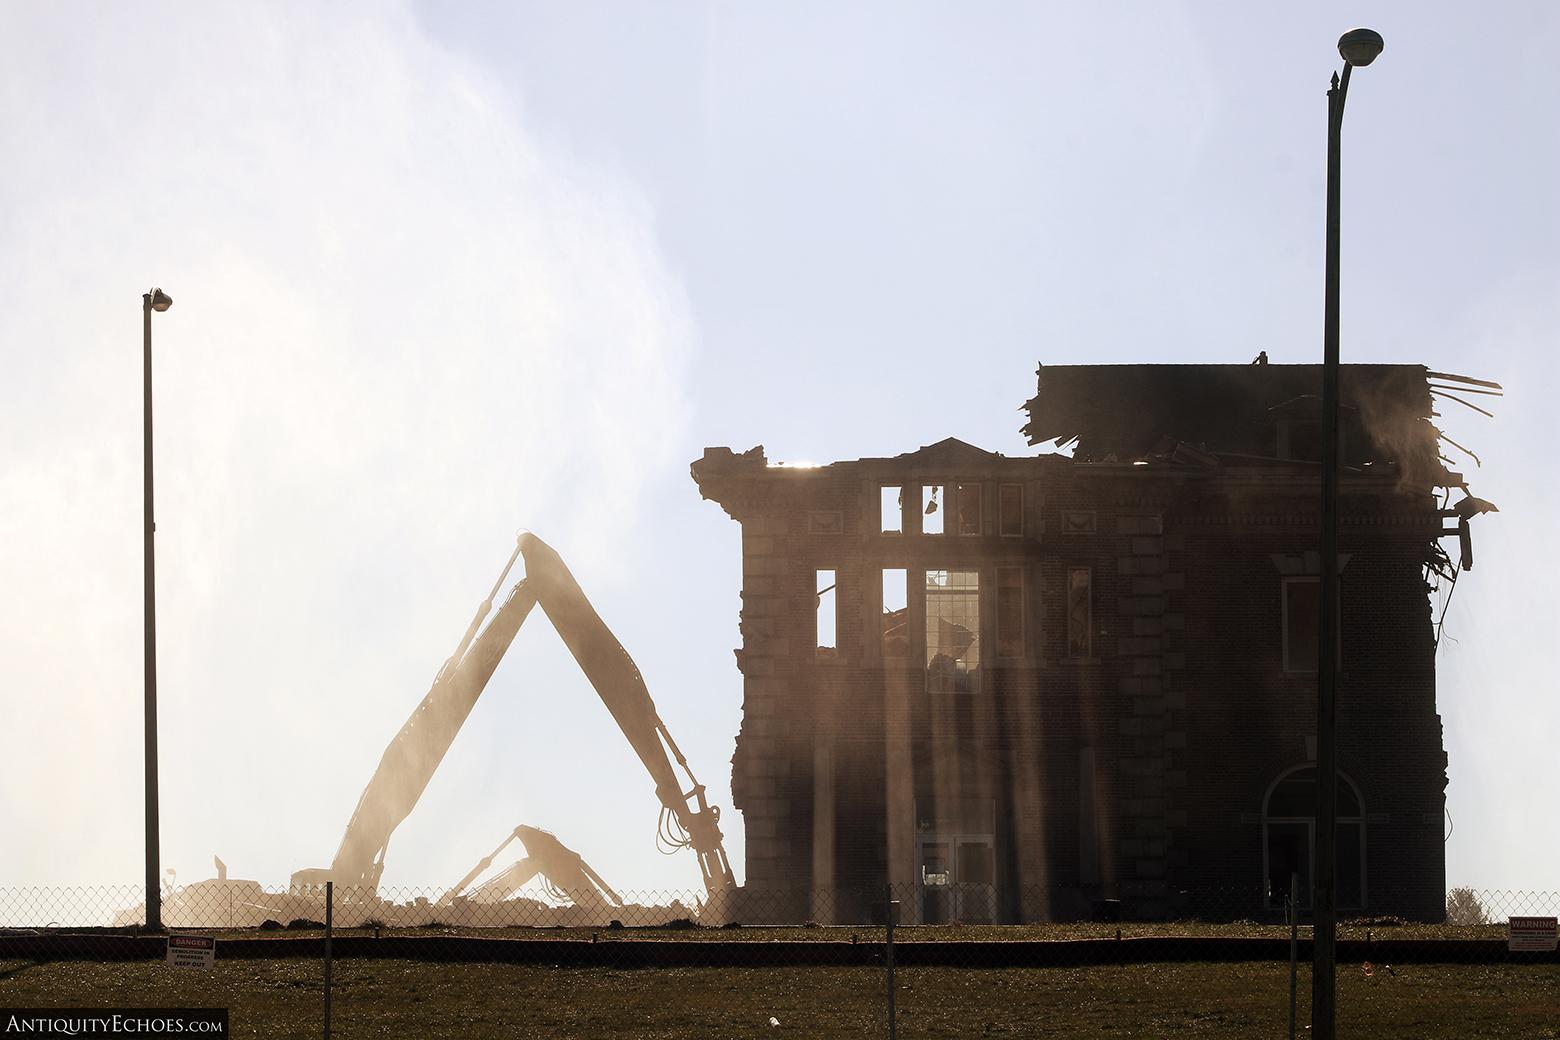 Allentown State Hospital - Demolition - Wreckage